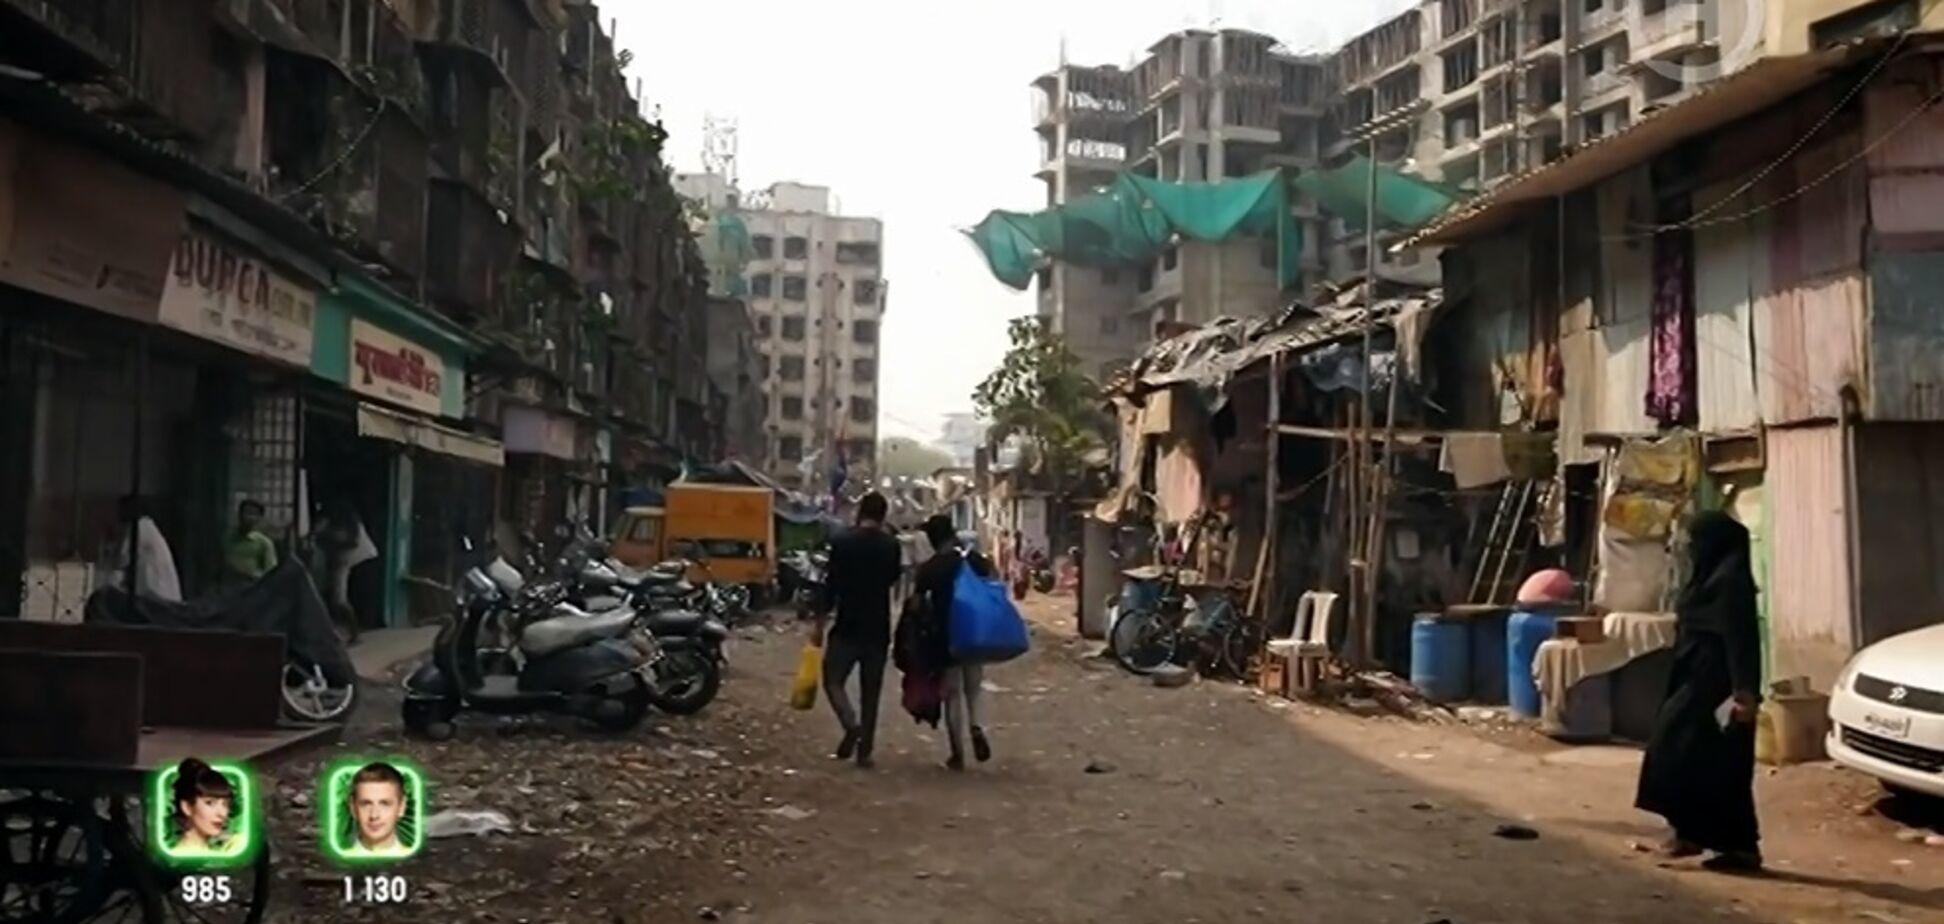 Украинский ведущий о жизни в индийском 'миллионнике' Мумбаи: смрад стоит ужасный